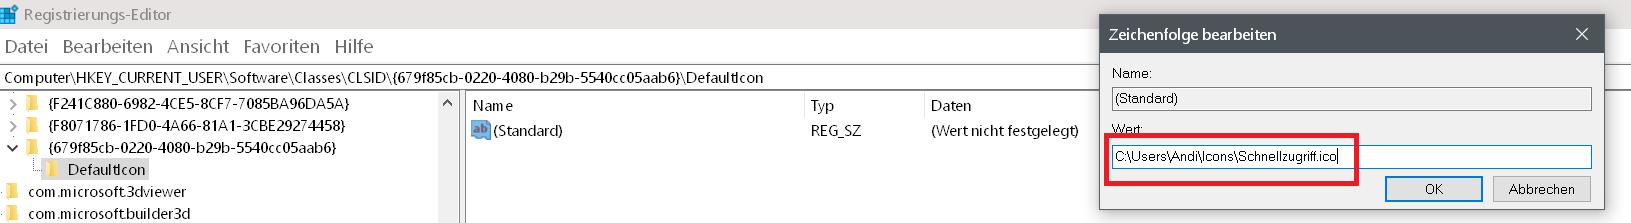 Windows 10 Icon Schnellzugriff ändern 9